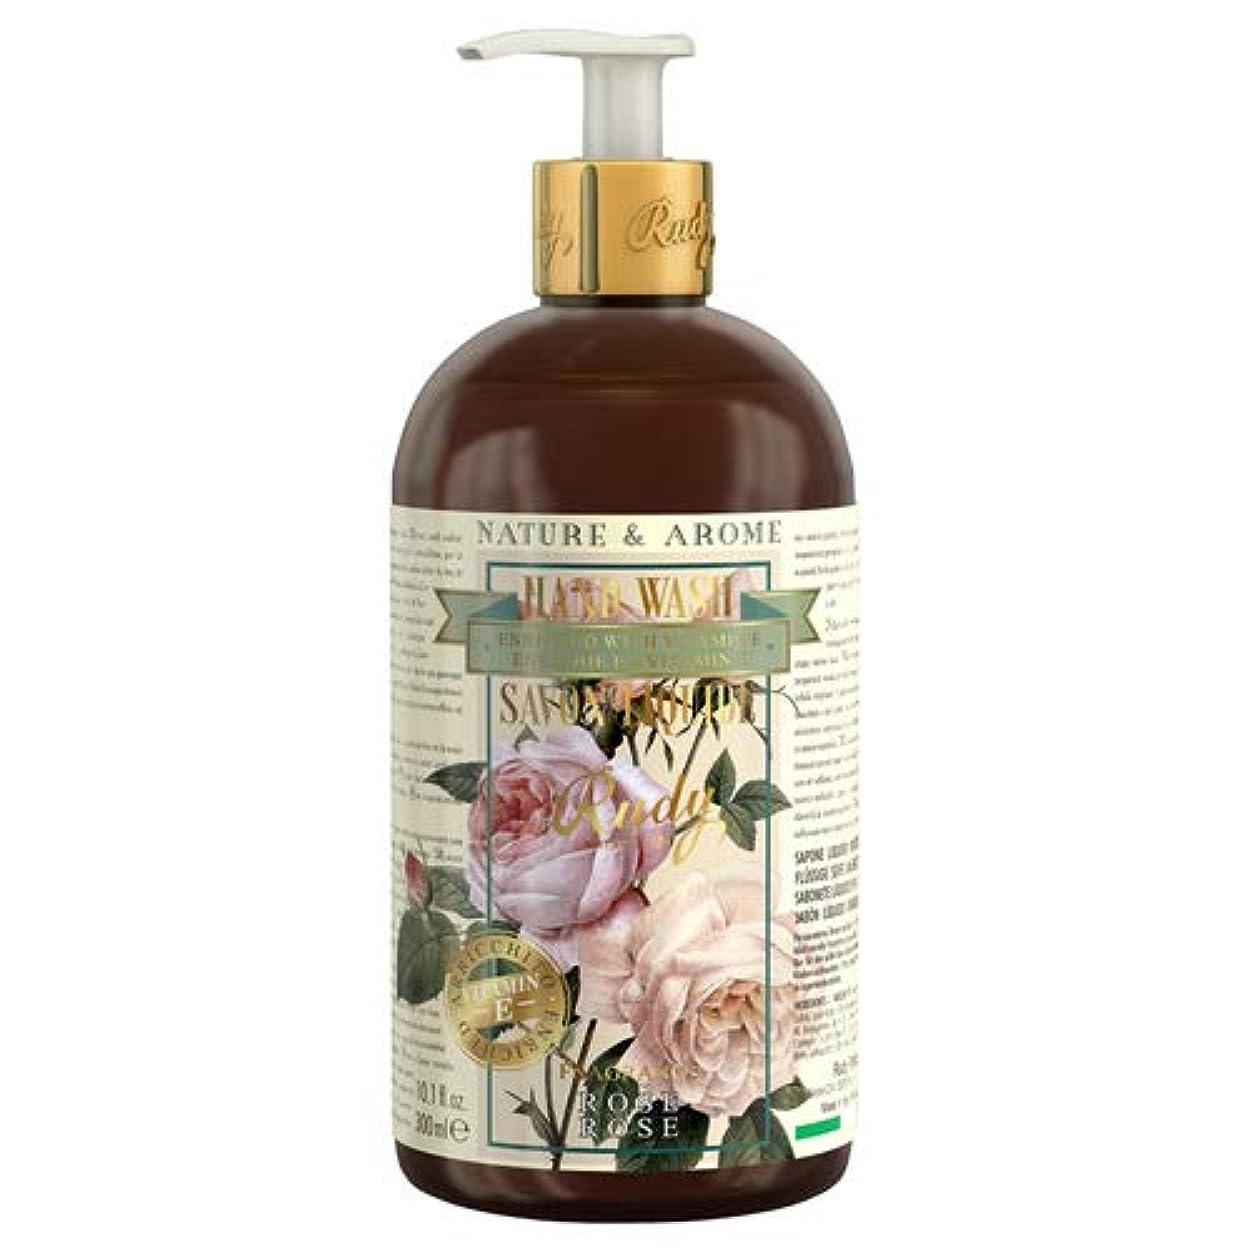 シェルター大混乱普遍的なRUDY Nature&Arome Apothecary ネイチャーアロマ アポセカリー Hand Wash ハンドウォッシュ(ボディソープ) Rose ローズ